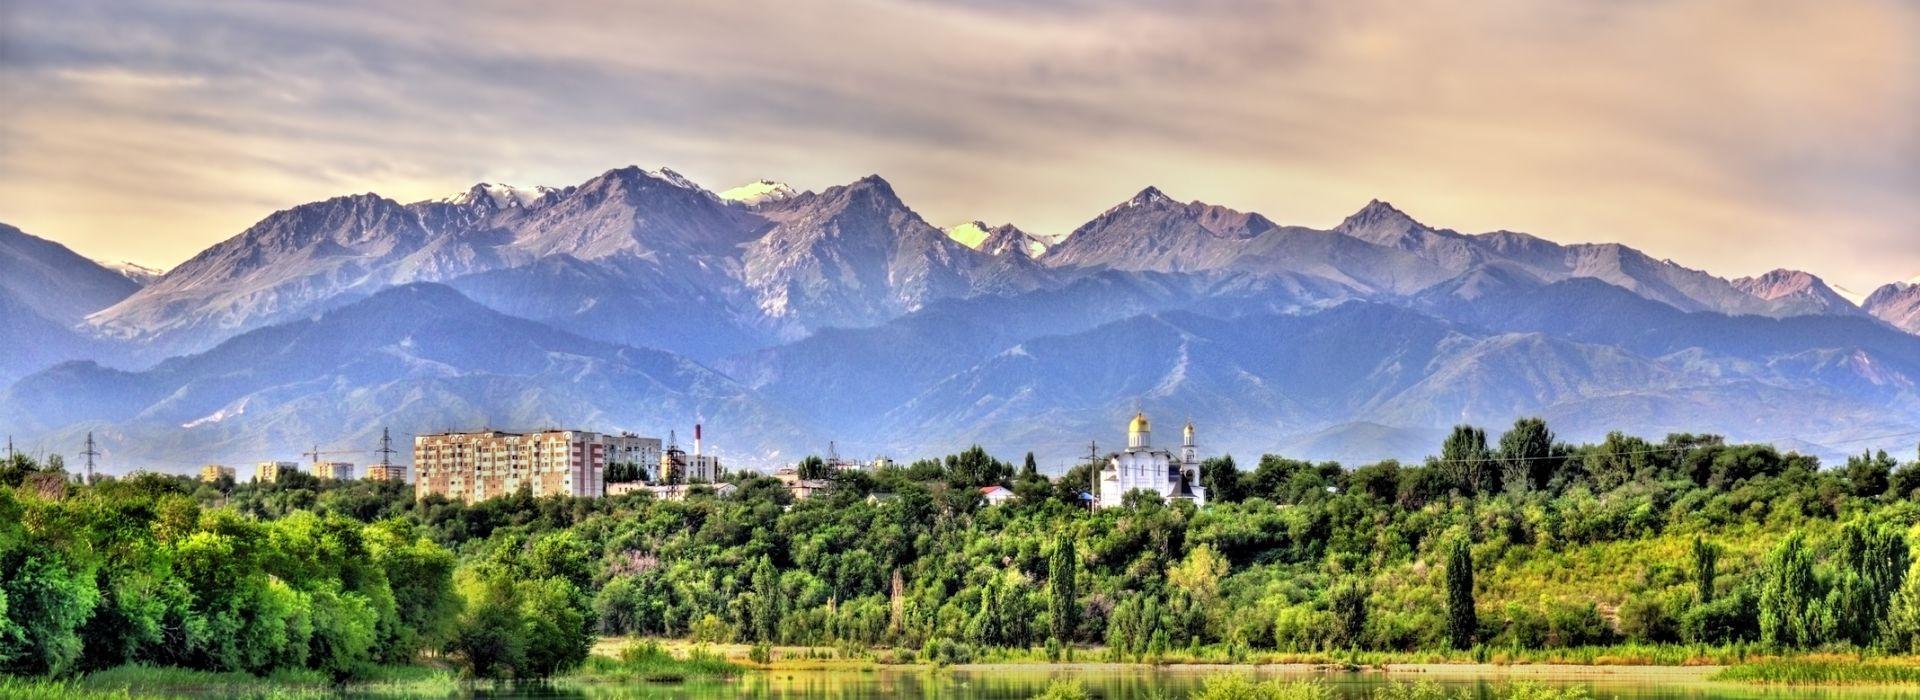 Kazakhstan Tours and Trips to Kazakhstan